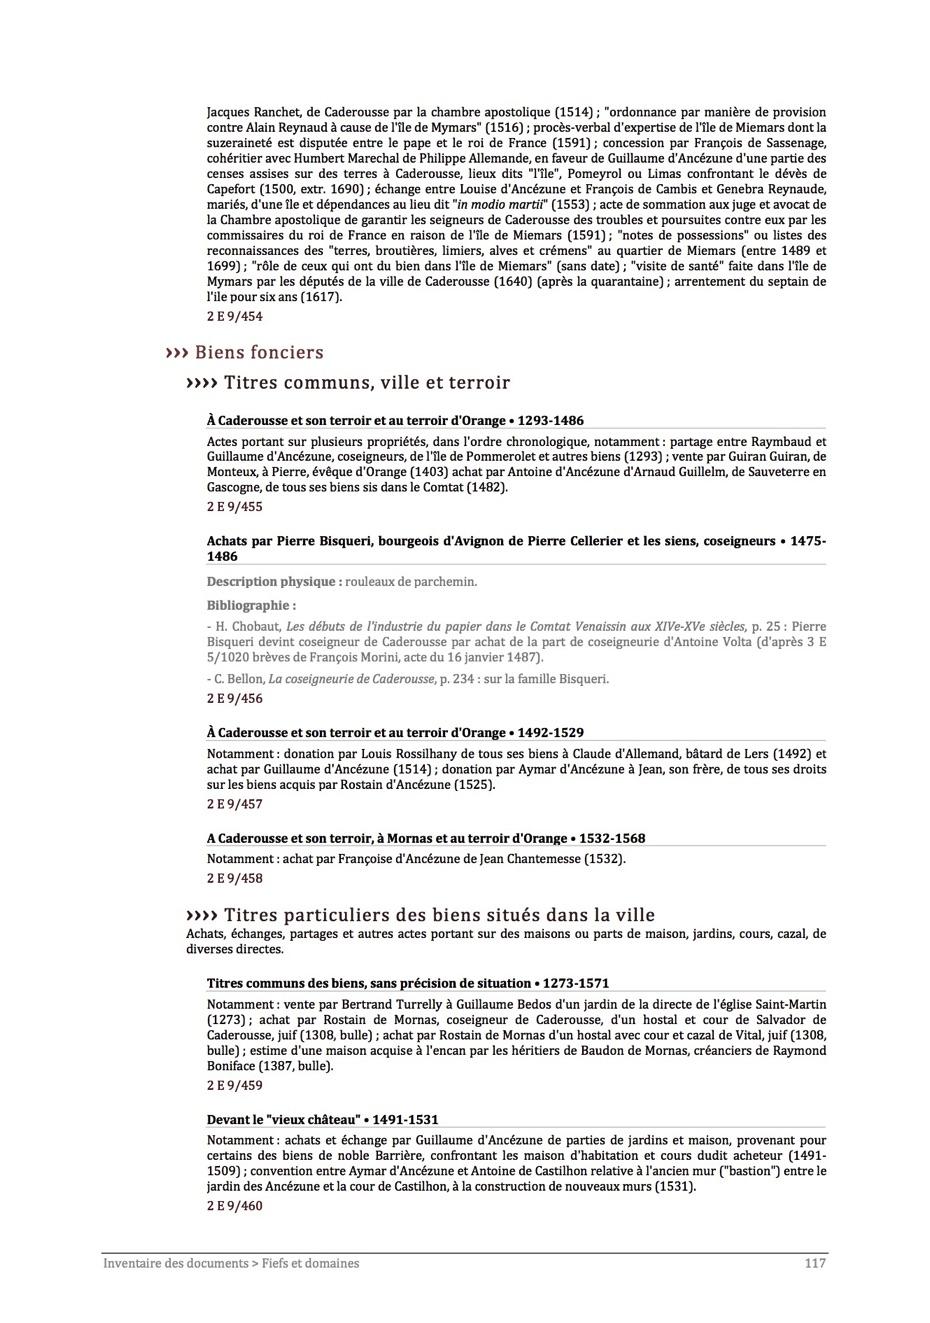 FRAD084_export2013_11_18_03_v3_118